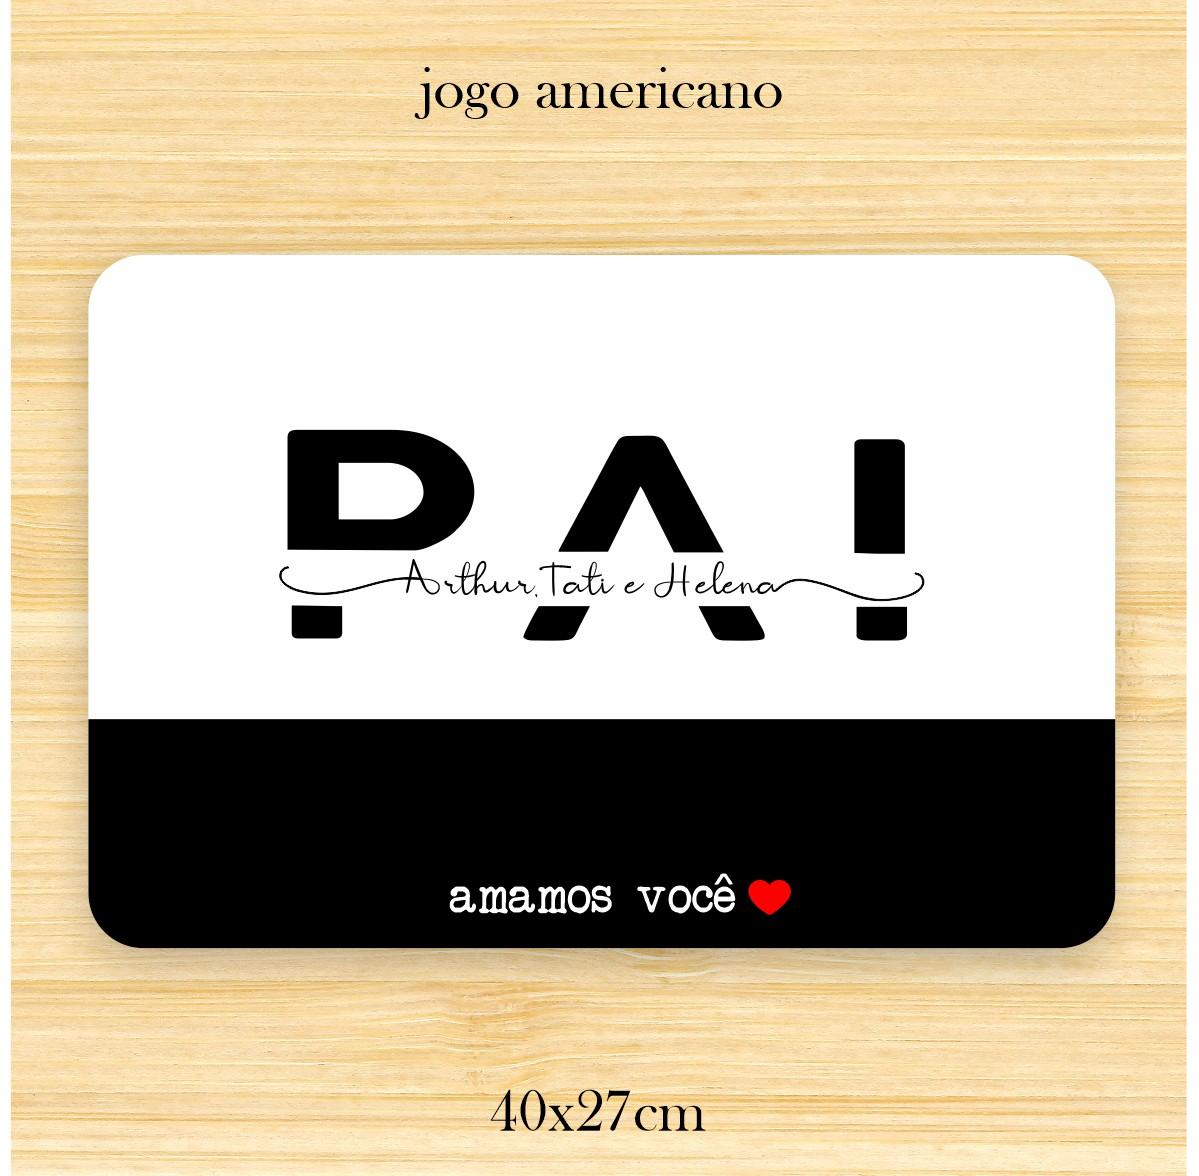 Kit Jogo Americano + porta-copos Personalizado - Dia dos pais